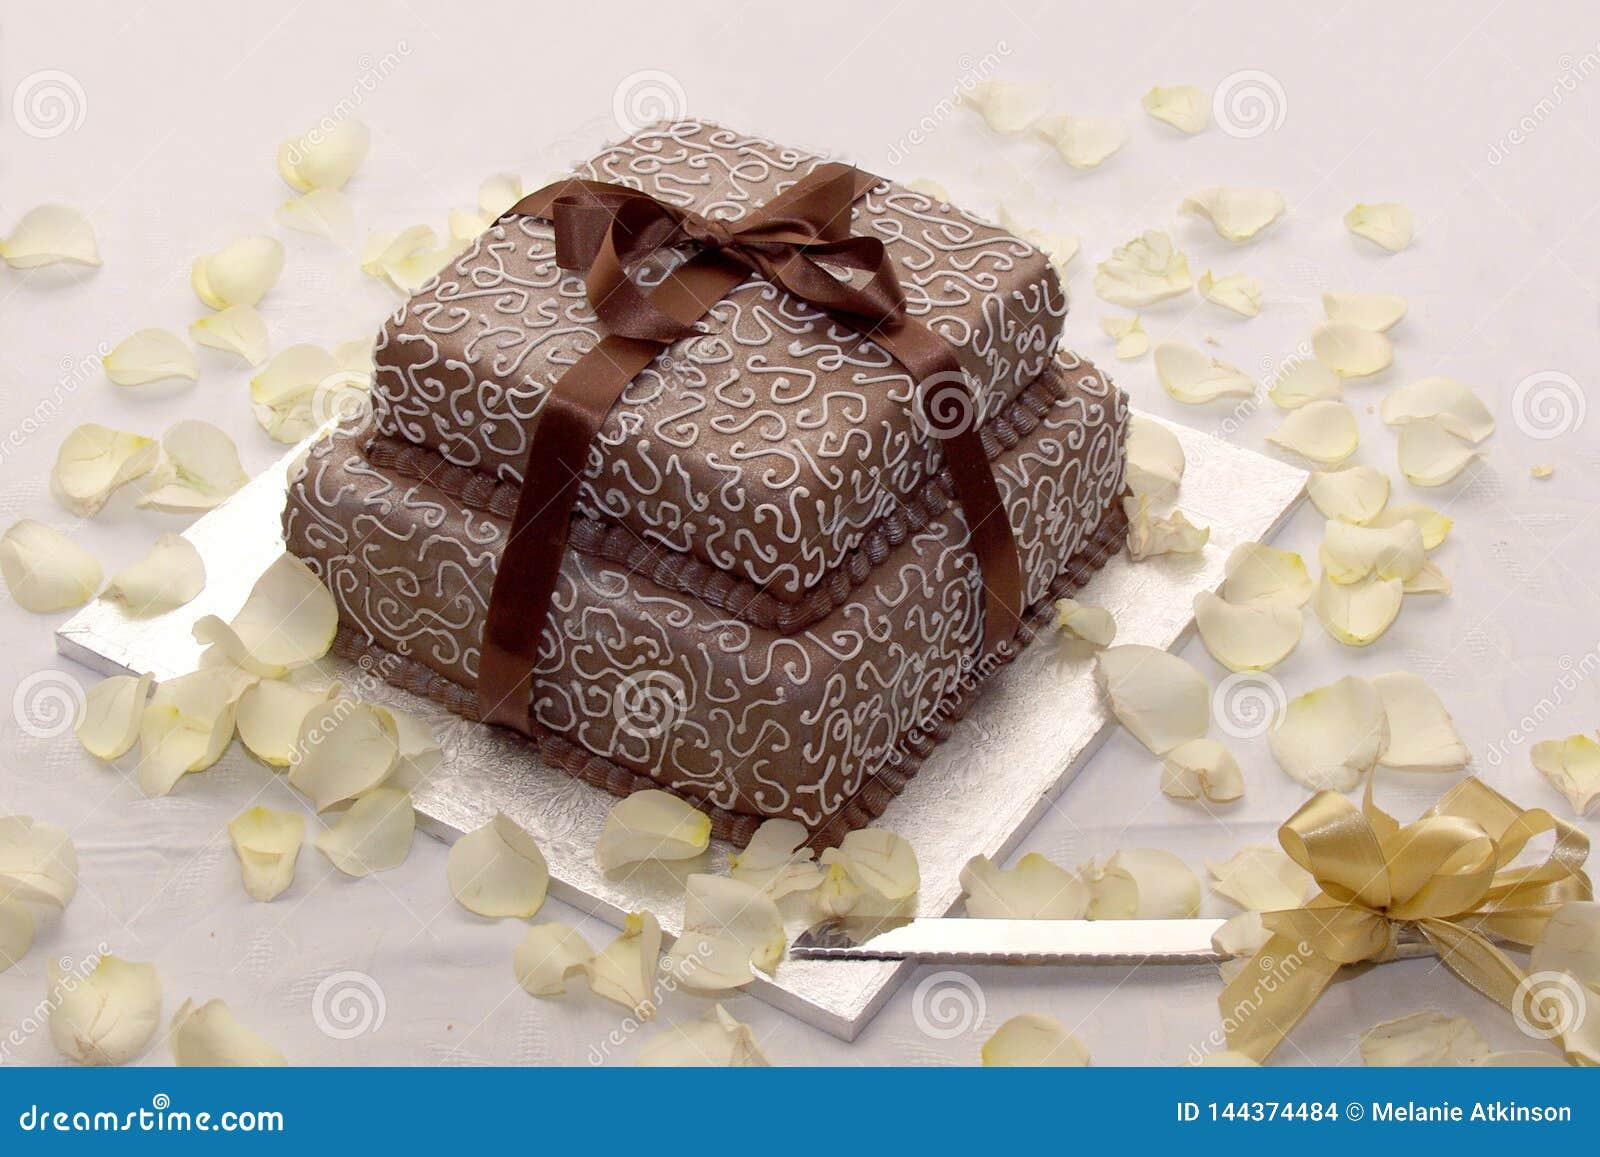 Schön gefrorene Hochzeitstorte mit weißer und brauner Zuckerglasur